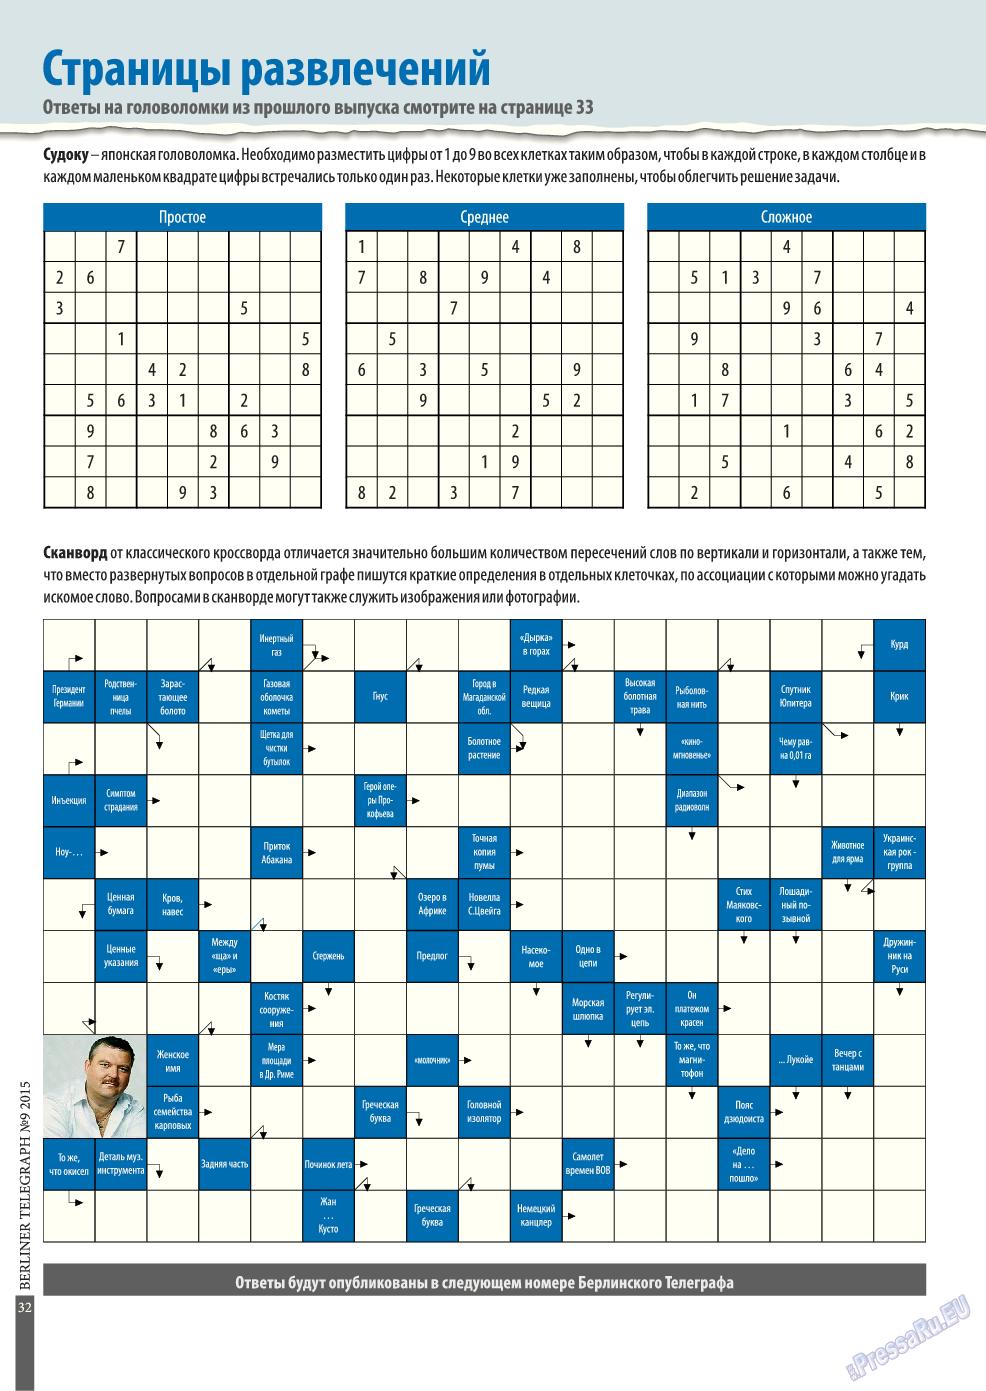 Берлинский телеграф (журнал). 2015 год, номер 9, стр. 32